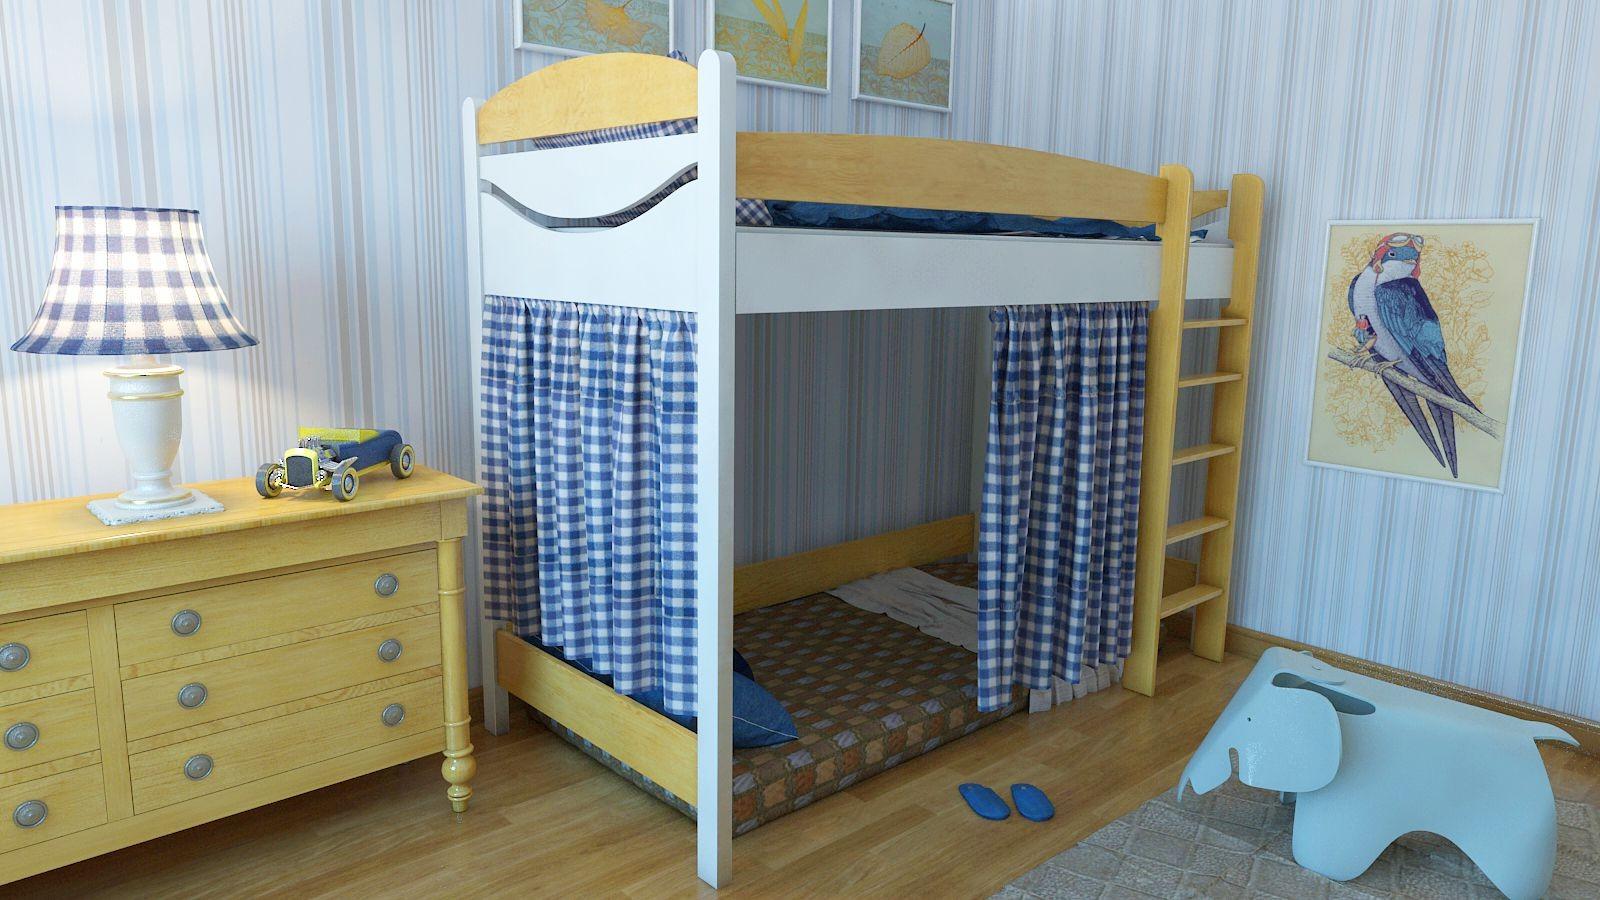 """Кровать чердак """"Эргономик-2"""" E290BMBUK детская для мальчиков и девочек детей от 2-3 лет"""